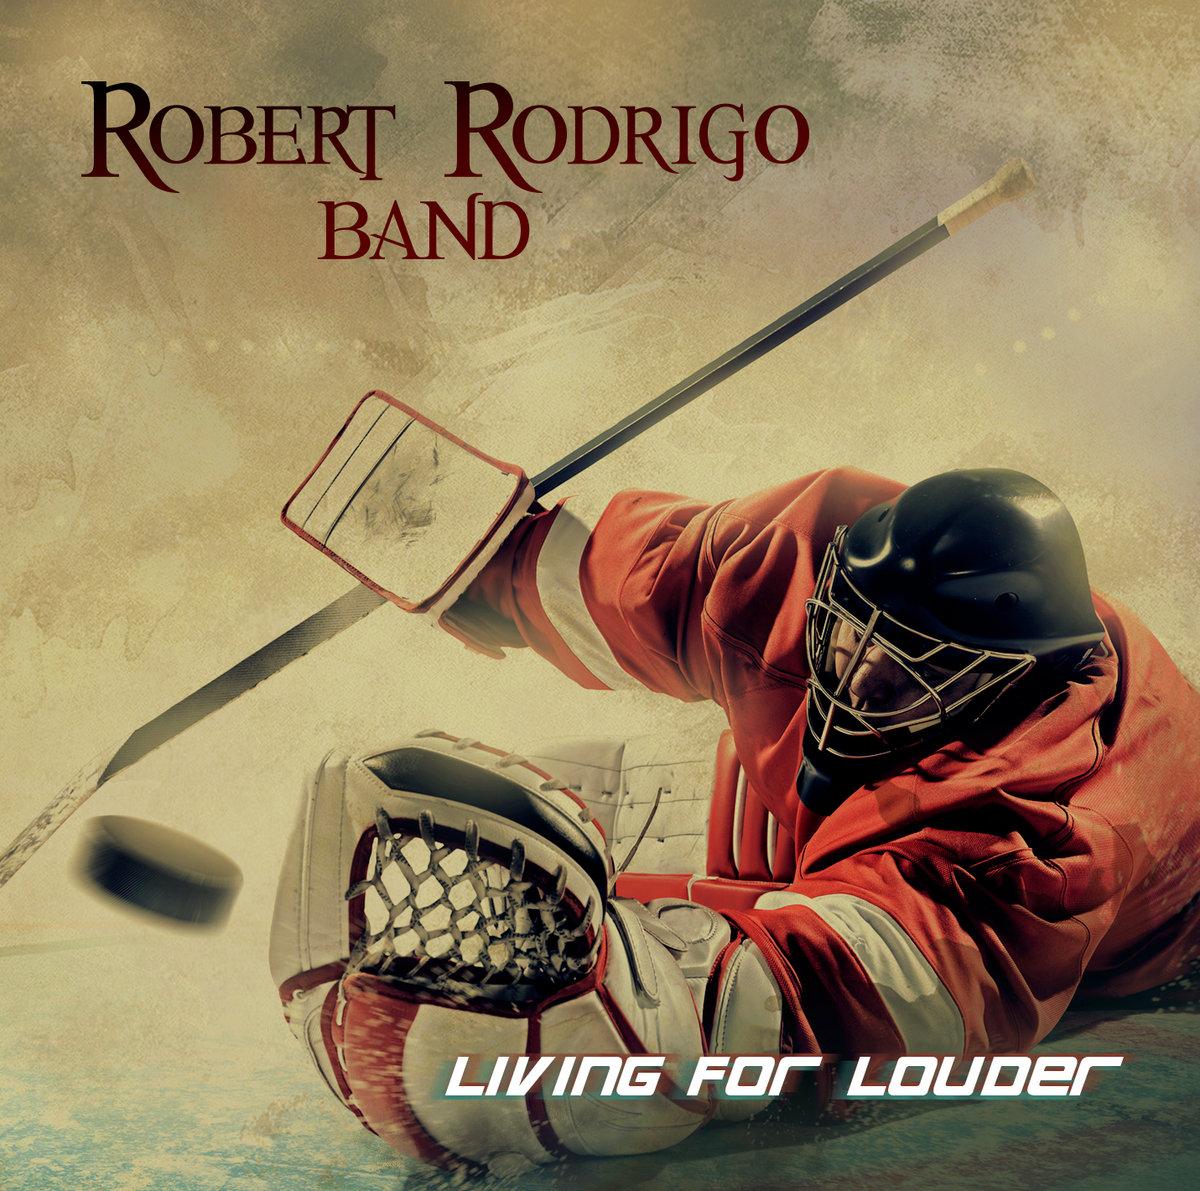 Image result for robert rodrigo band living for louder